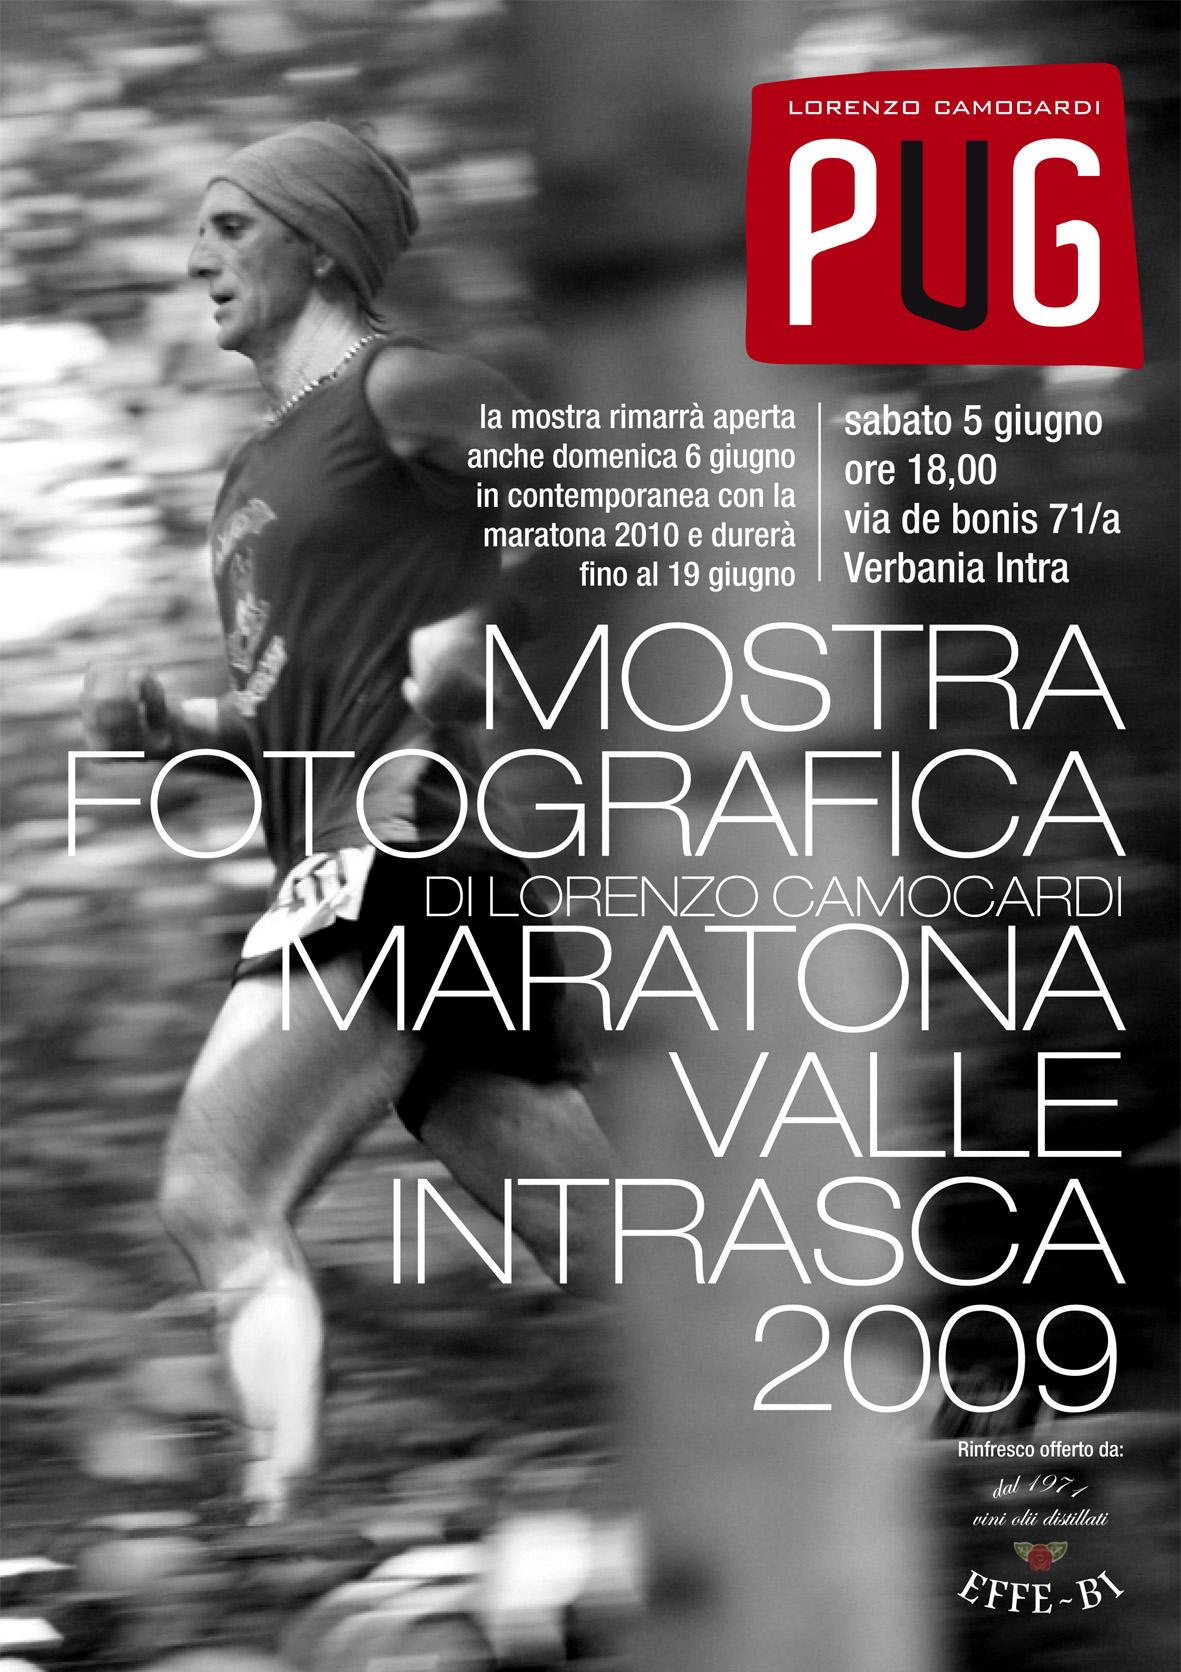 Mostra fotografica dedicata alla Maratona della Valle Intrsca